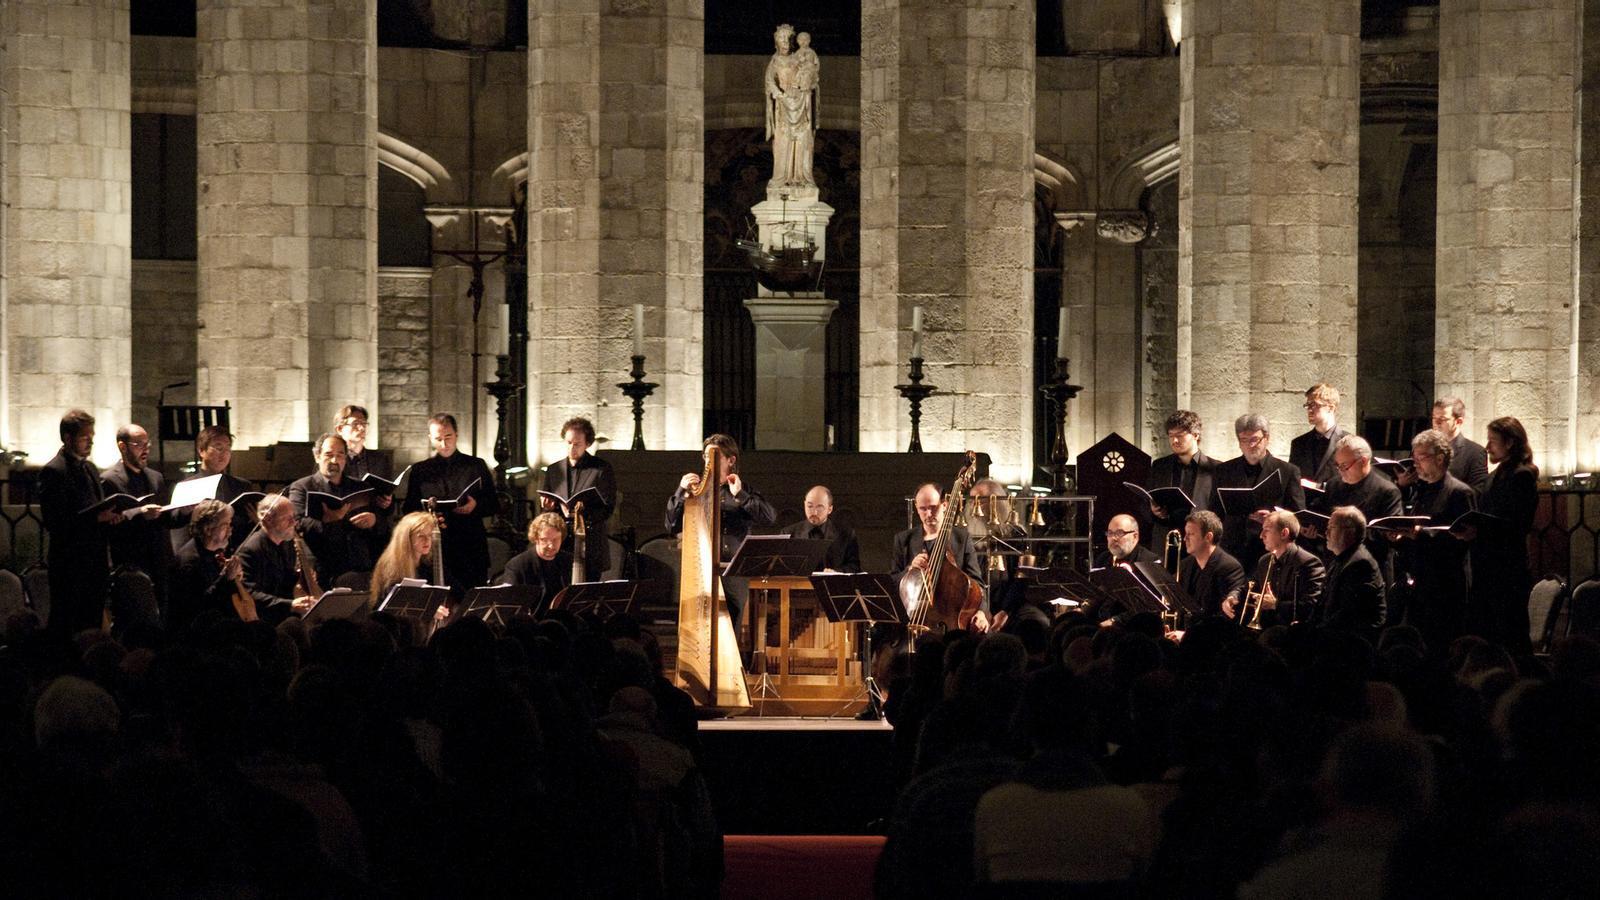 L'església de Santa Maria del Mar va ser el majestuós escenari del   Recital dirigit per Jordi Savall (assegut a l'esquerra) . / TONI PEÑARROYA